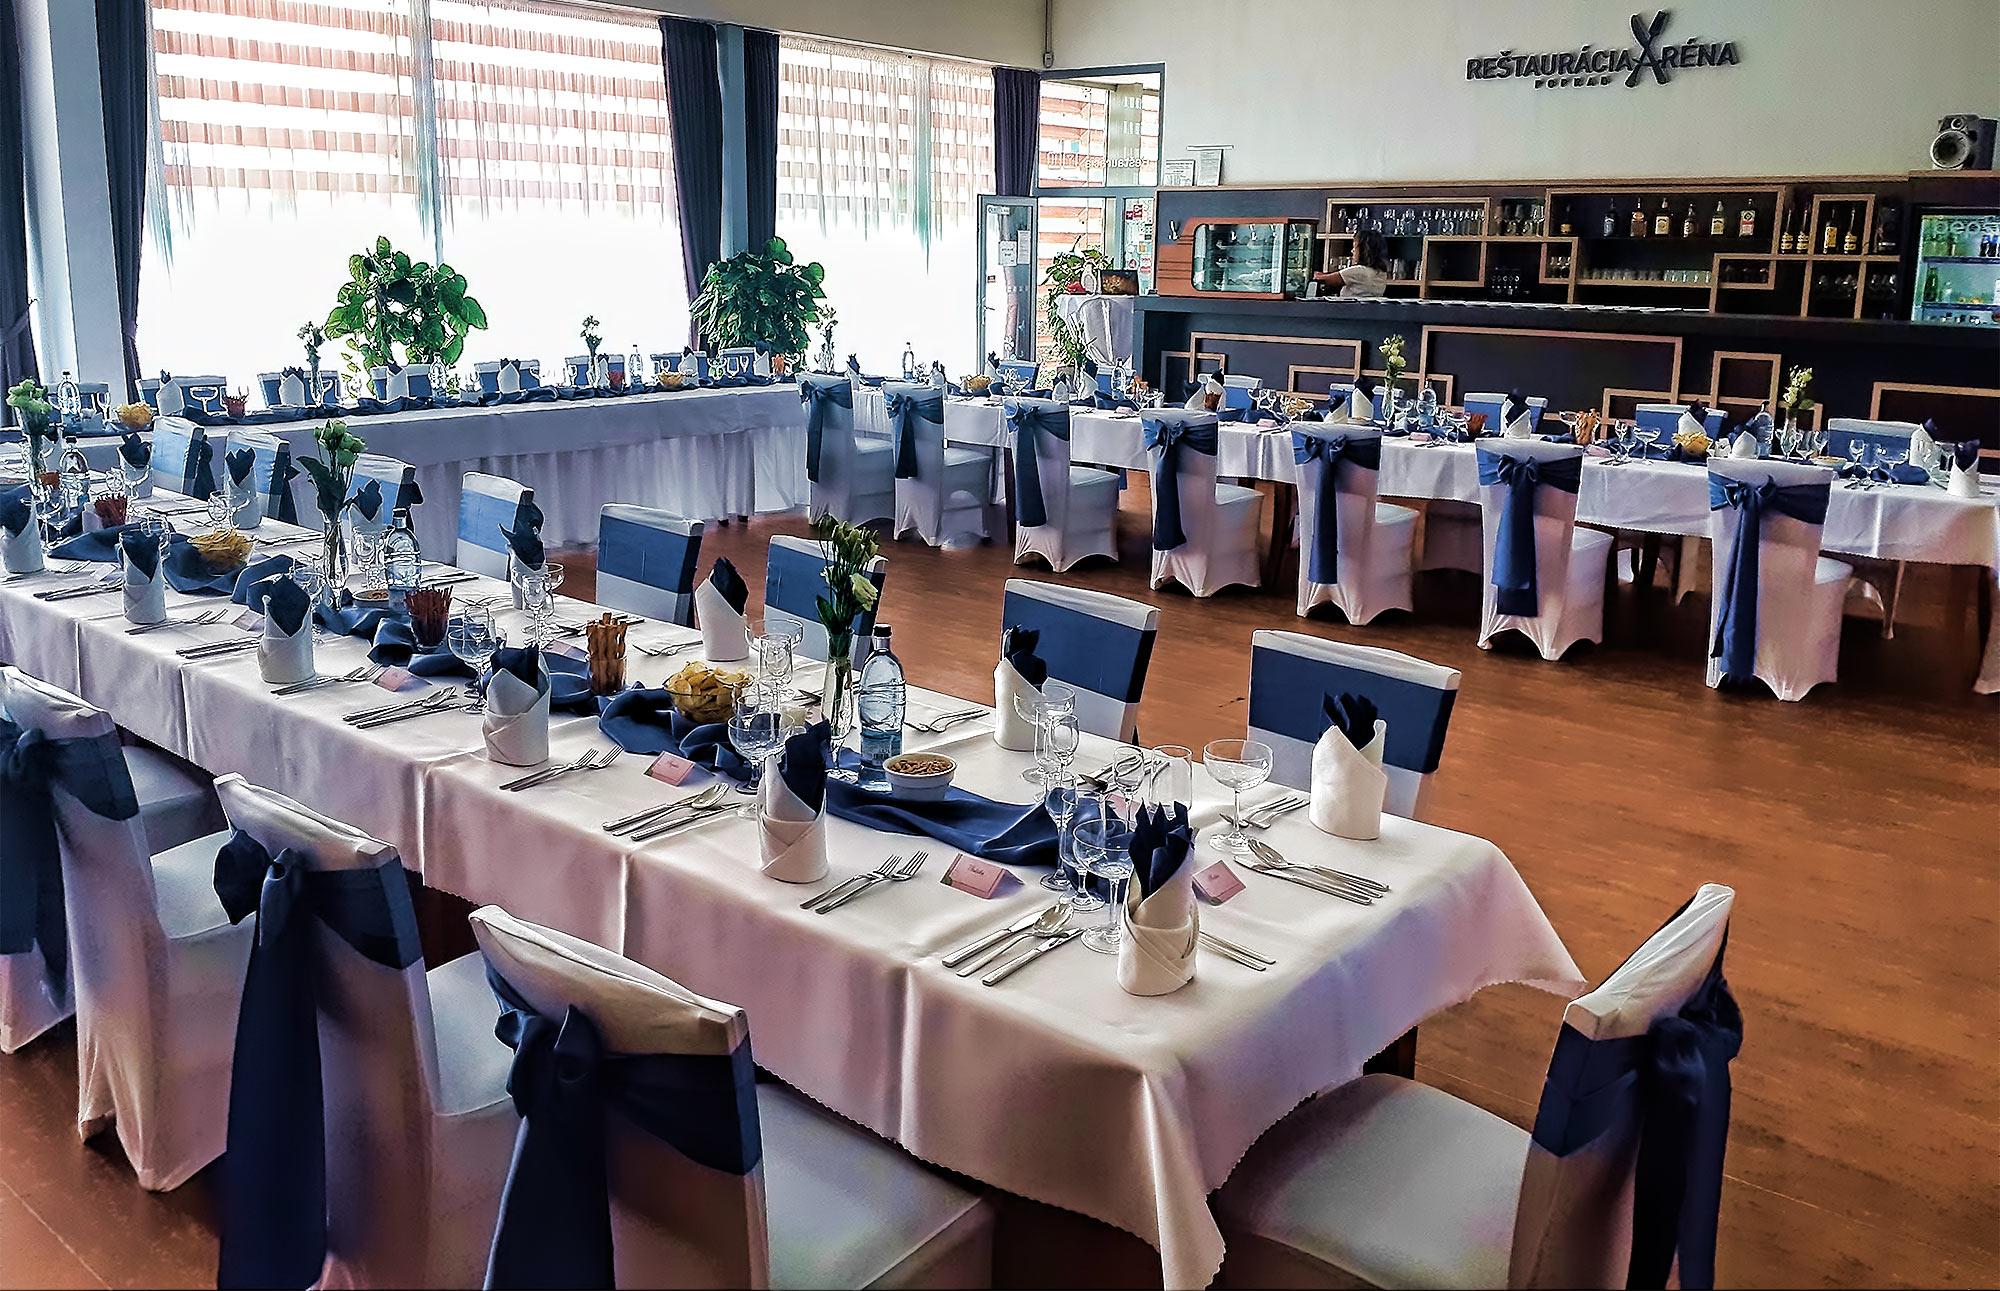 Reštaurácia ARÉNA